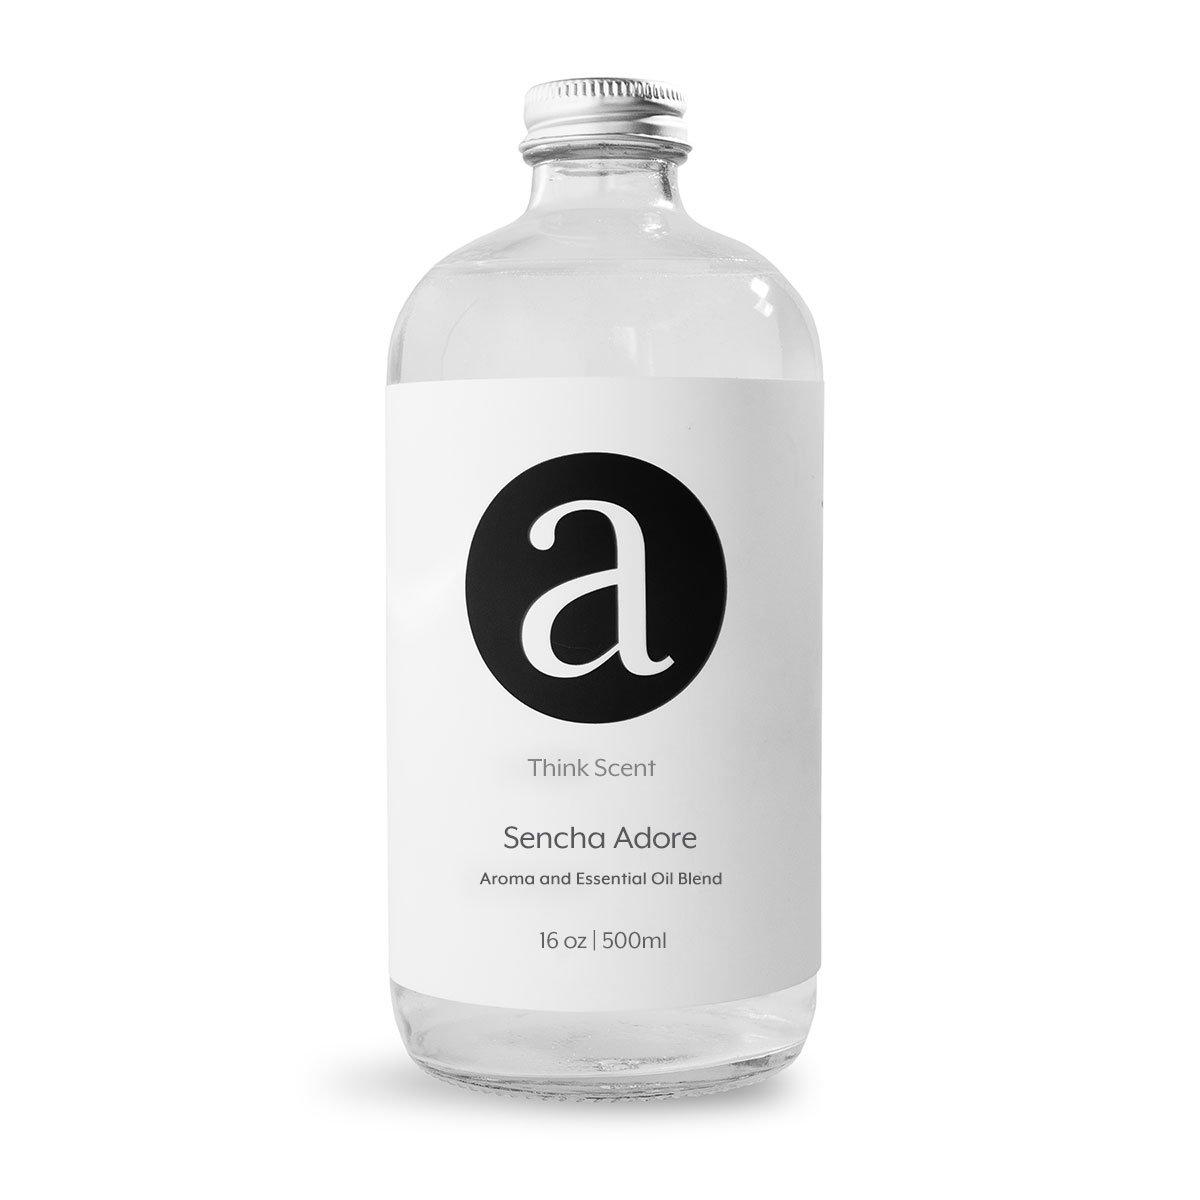 (Sencha Adore) Aroma / Fragrance Oil For AromaTech Air Freshener Scent Diffuser (Half Gallon)